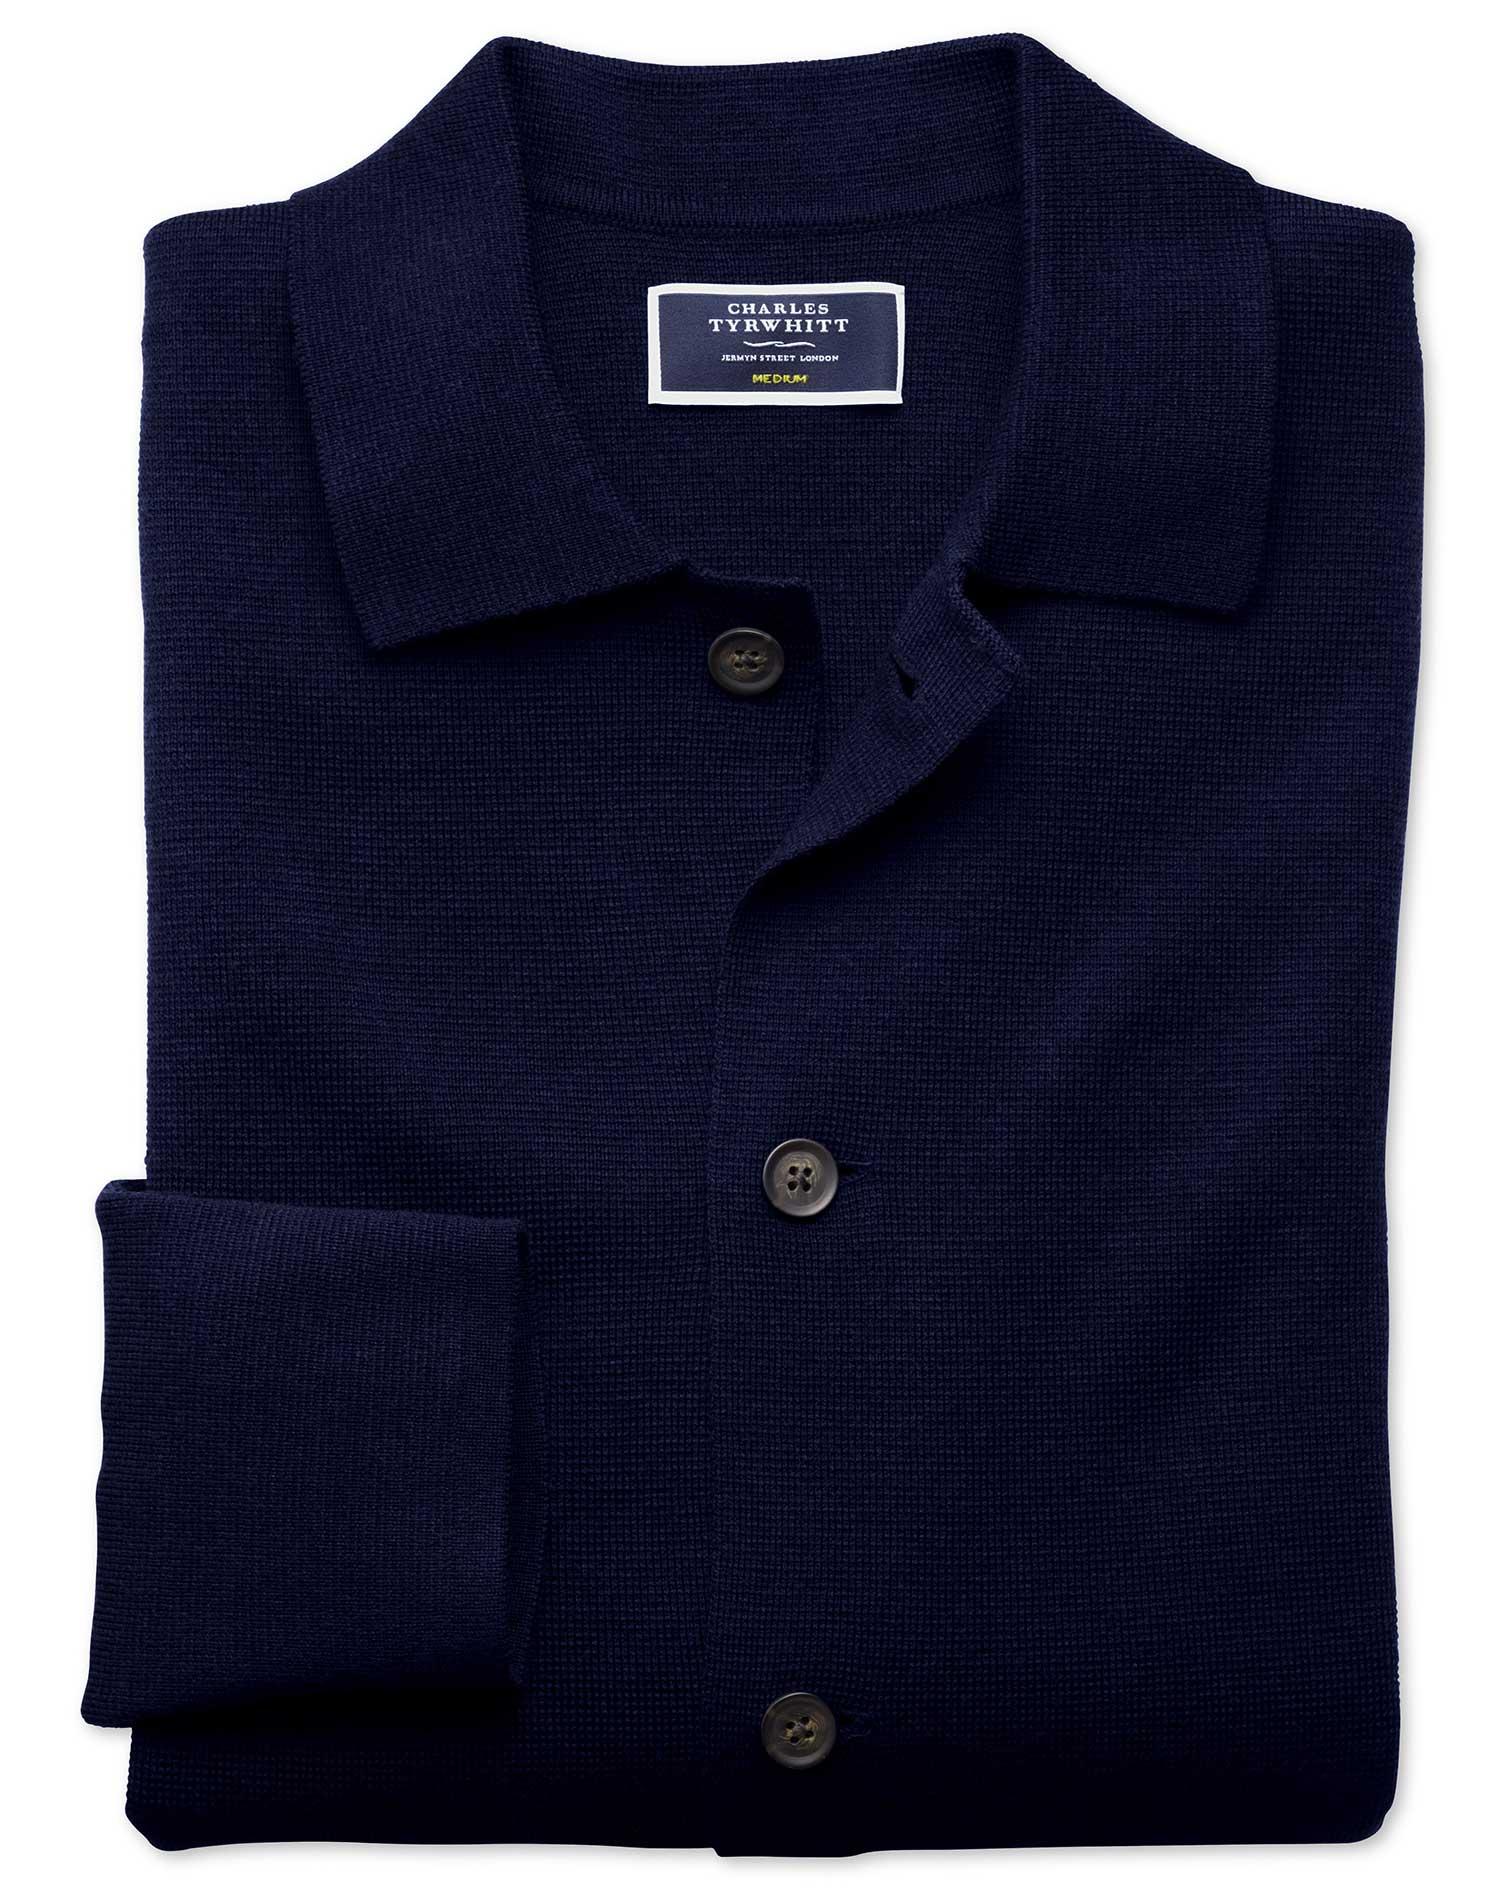 Navy Merino Wool Jacket Size XXL by Charles Tyrwhitt